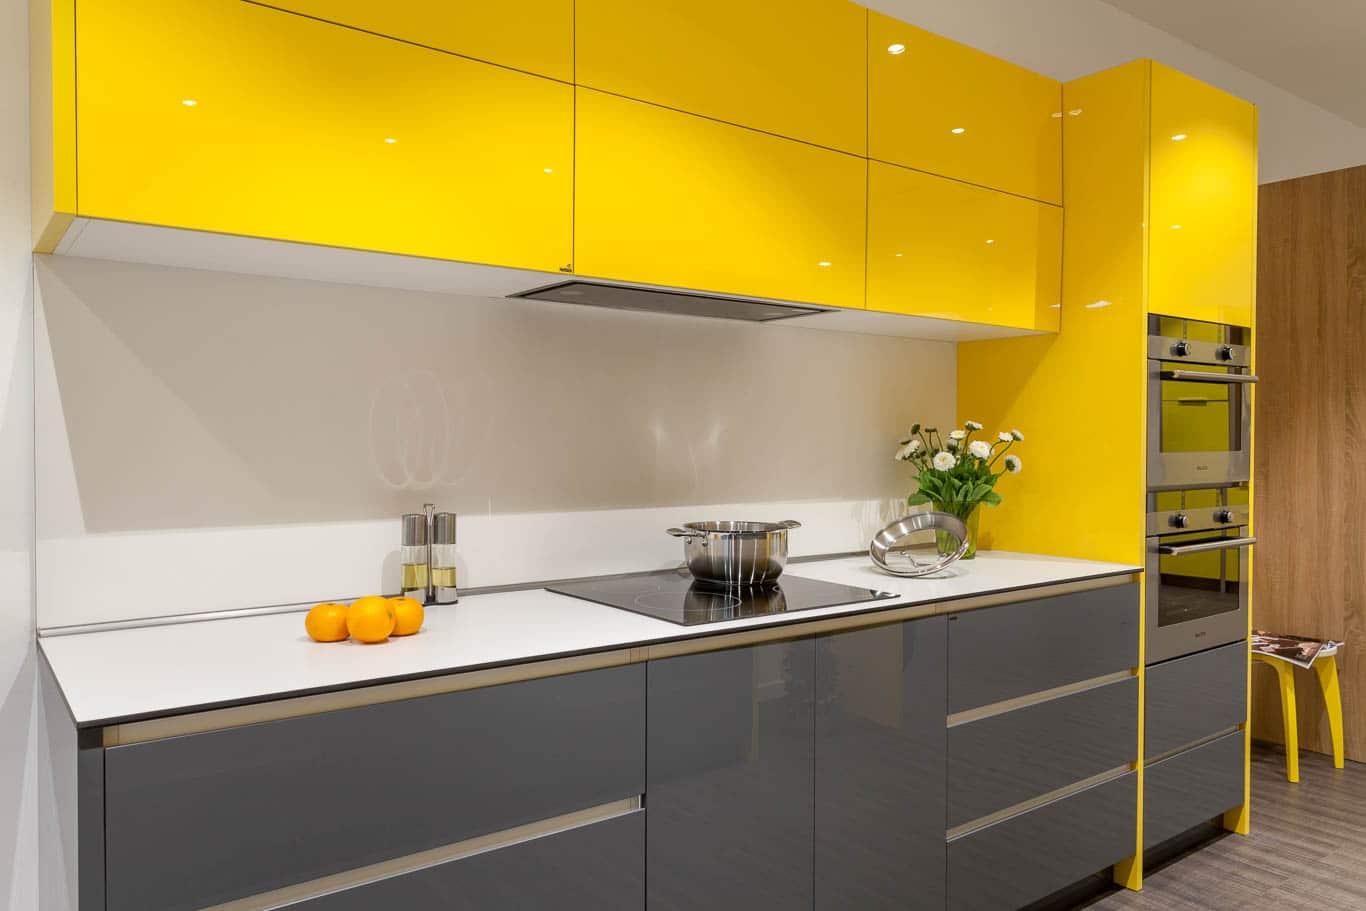 Kinh nghiệm làm tủ bếp cho ngôi nhà của bạn. Mẫu tủ bếp phù hợp với những người mang mệnh thổ